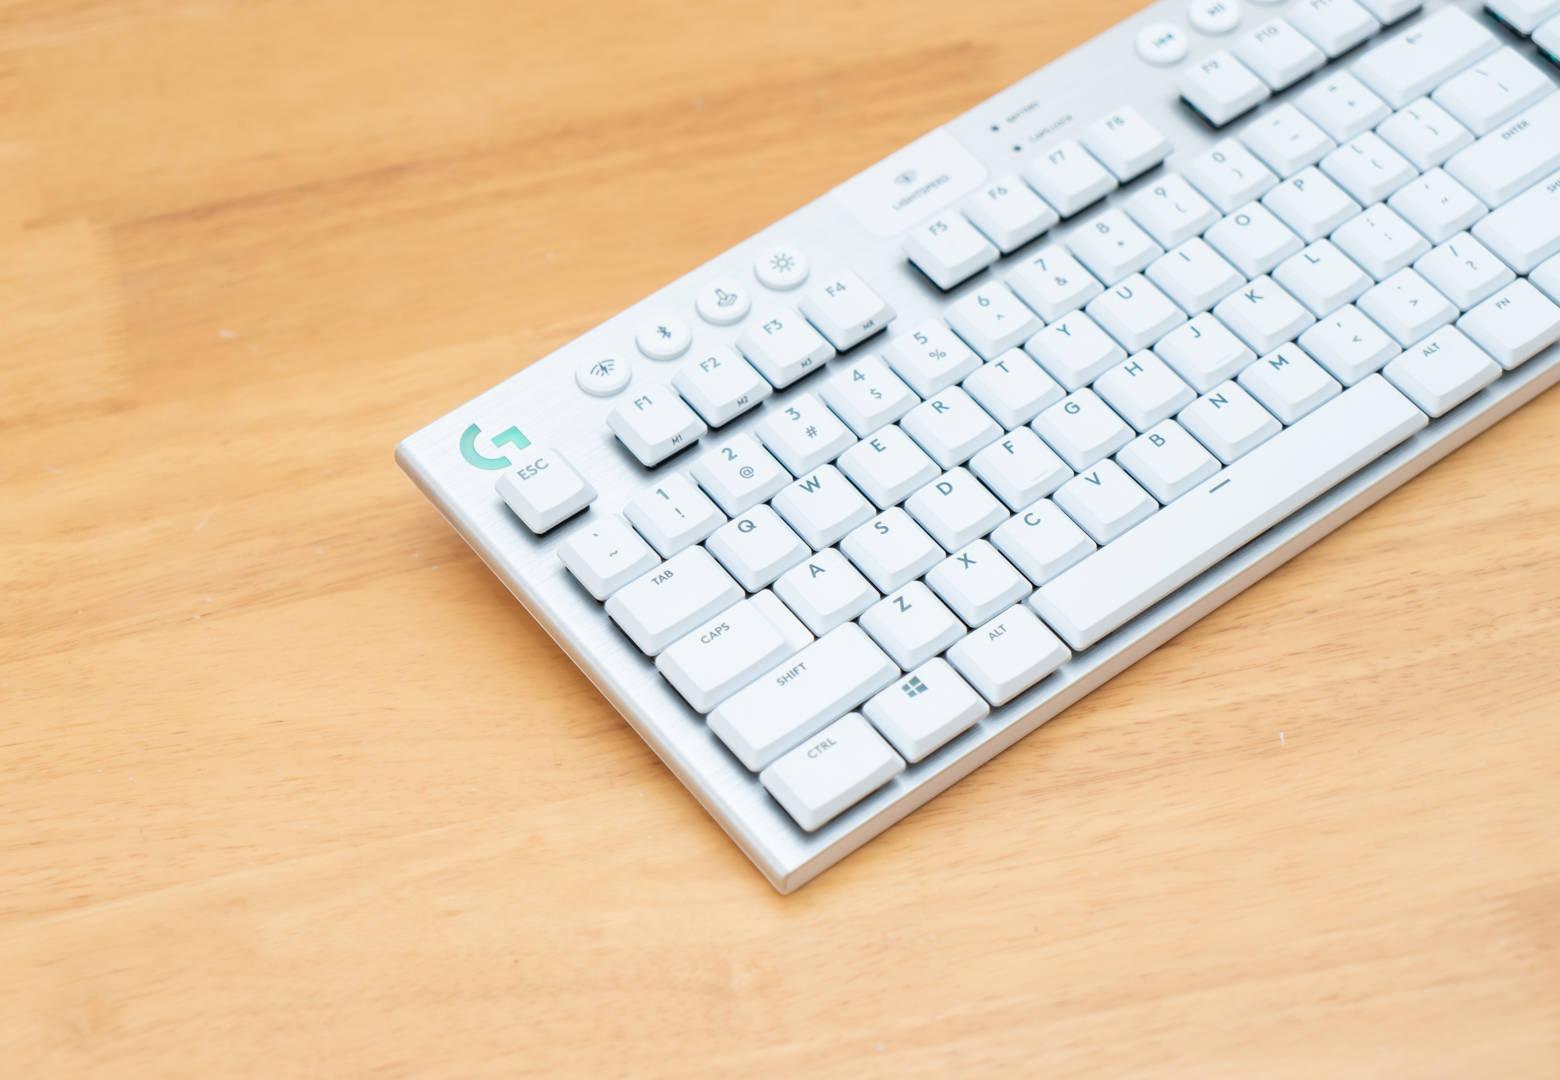 让我来评评理键盘 让我来评评理键盘表情包